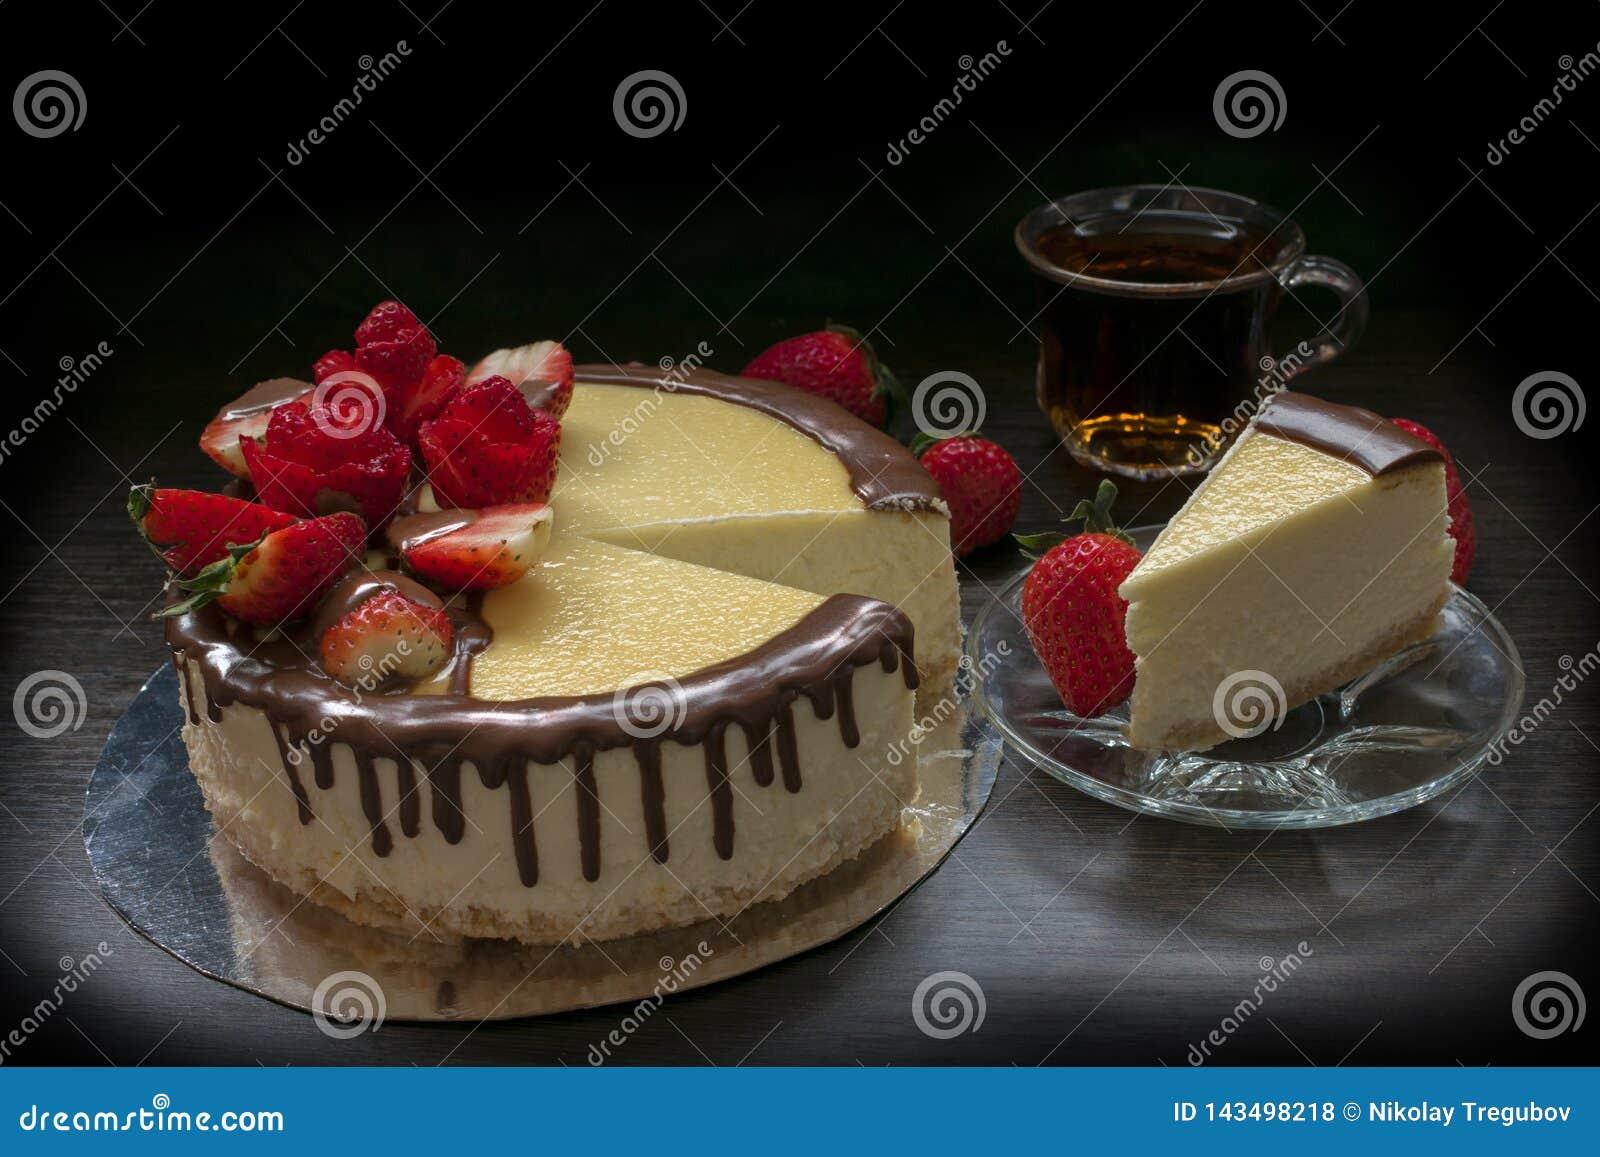 Gâteau au fromage décoré de fraise avec une tasse de thé et de fraises